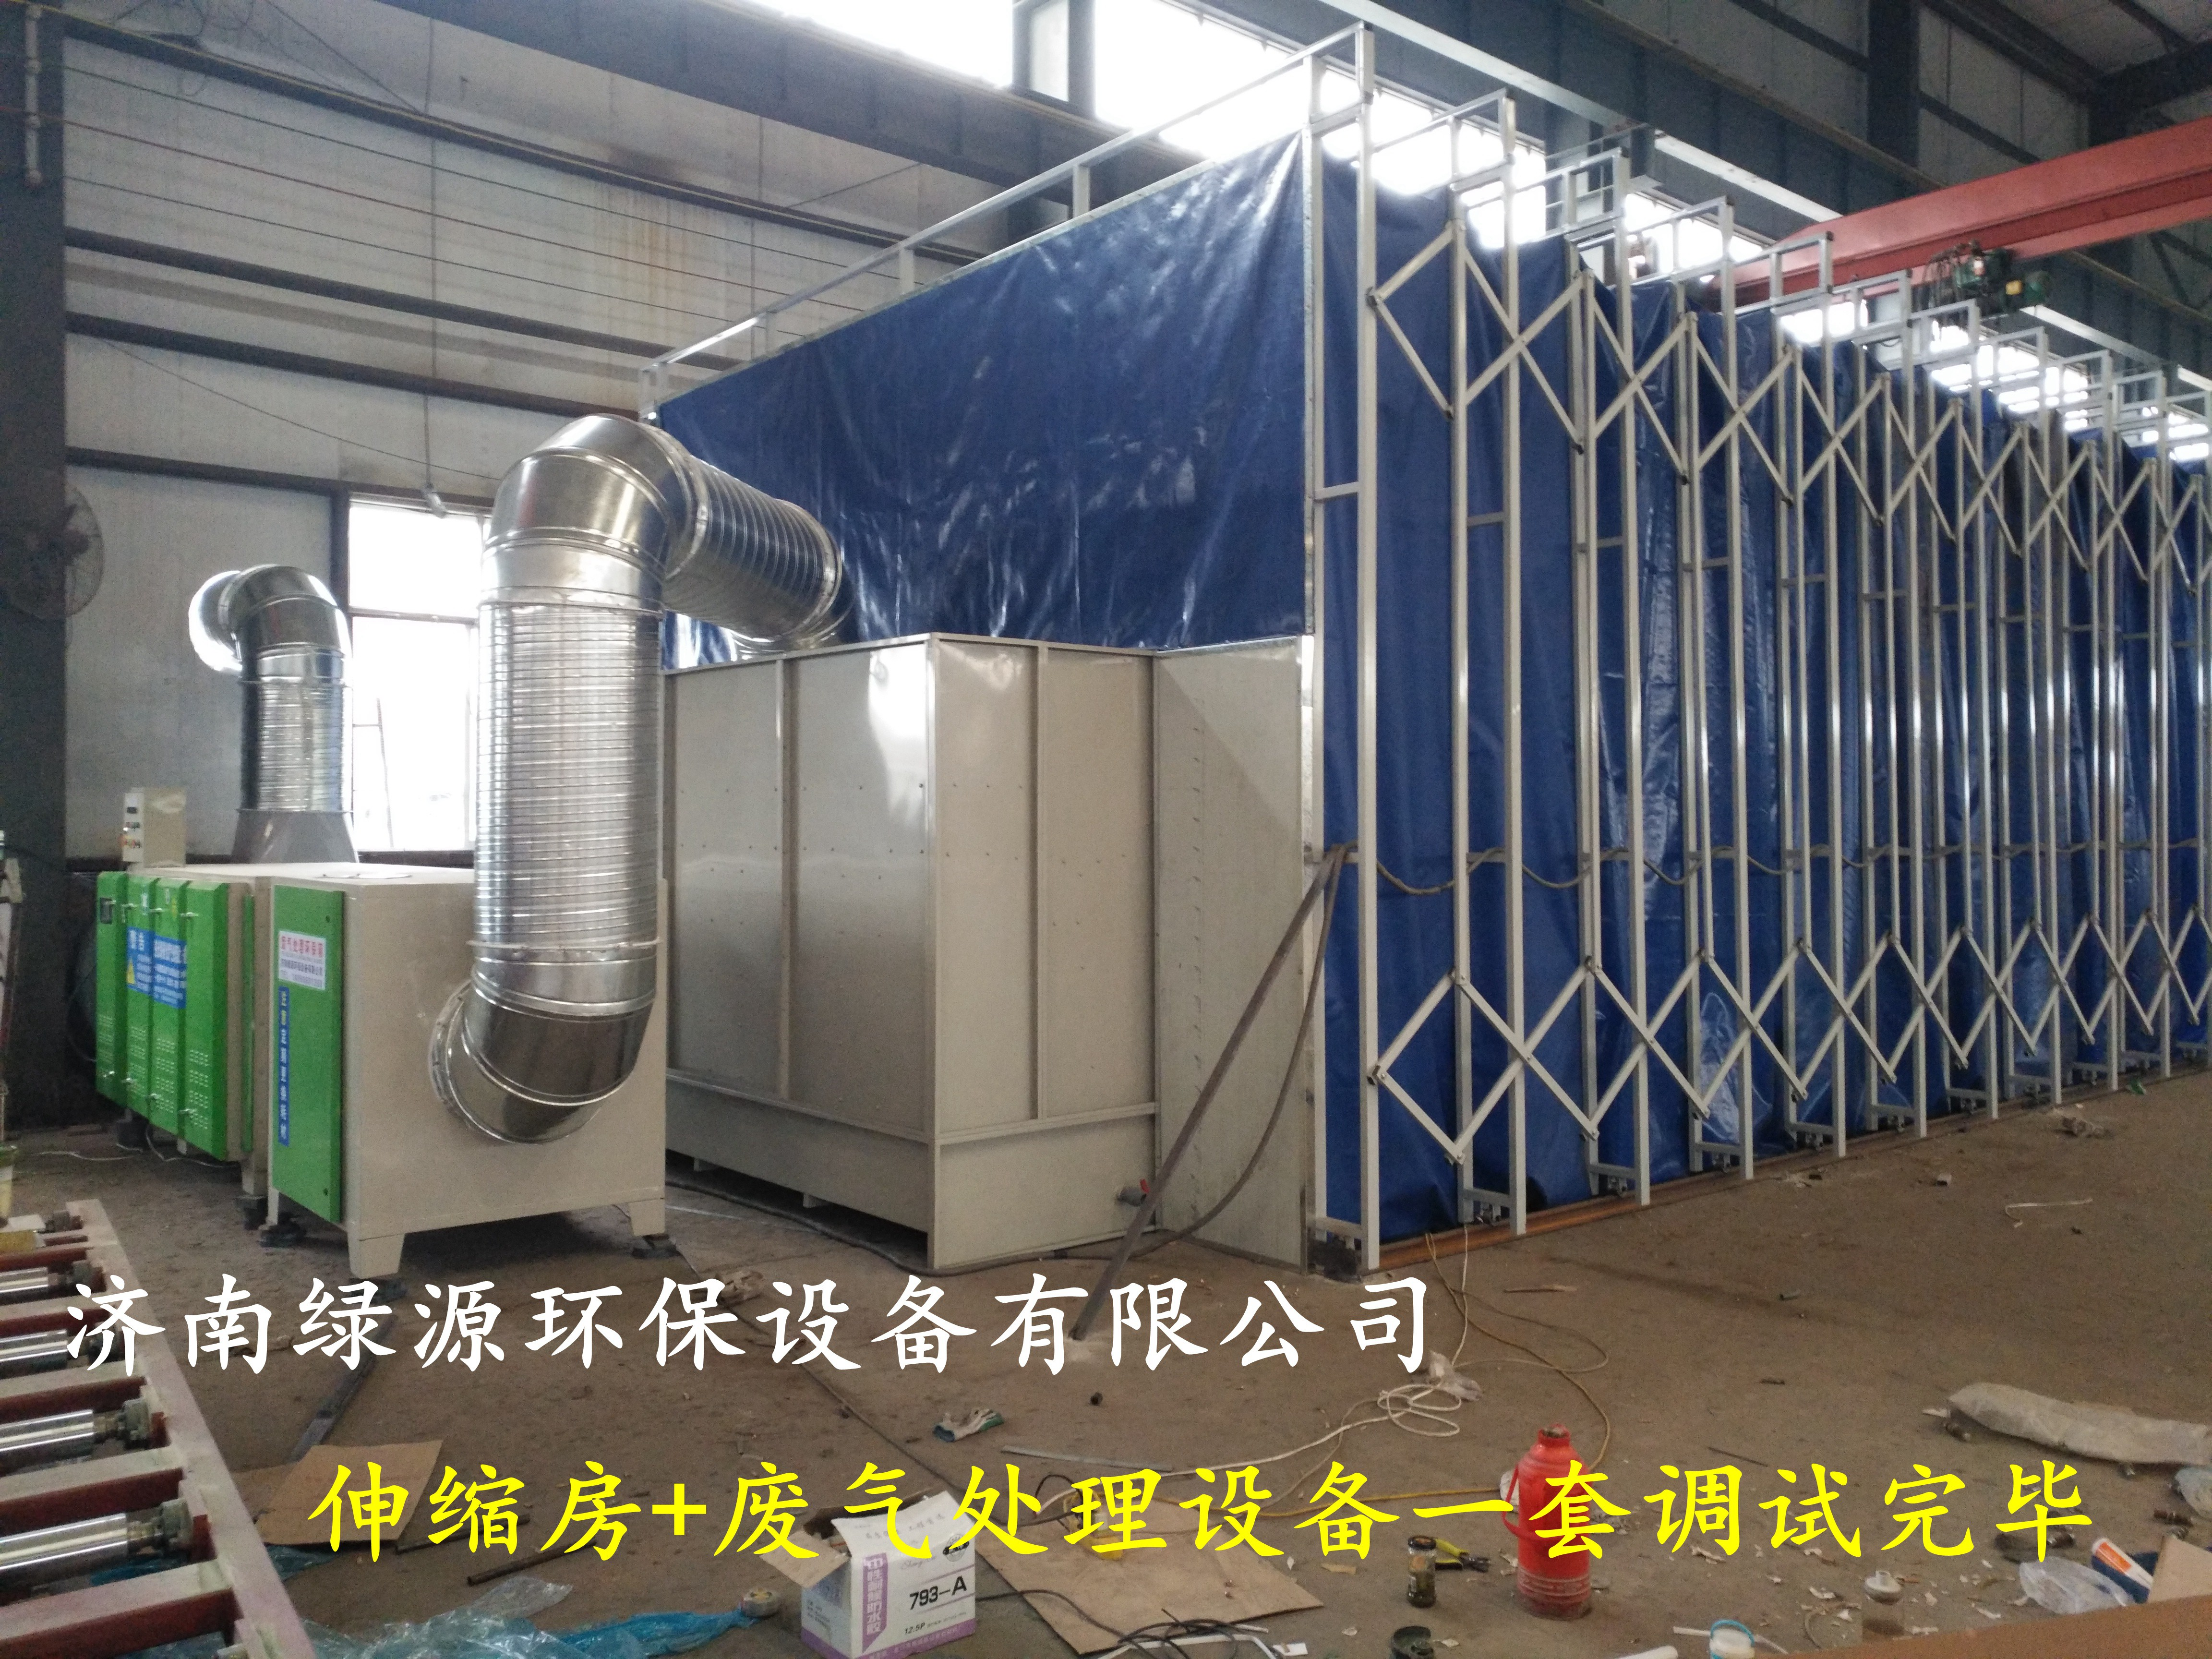 伸缩式喷漆房  大型工件喷漆房 移动环保喷漆房57665782